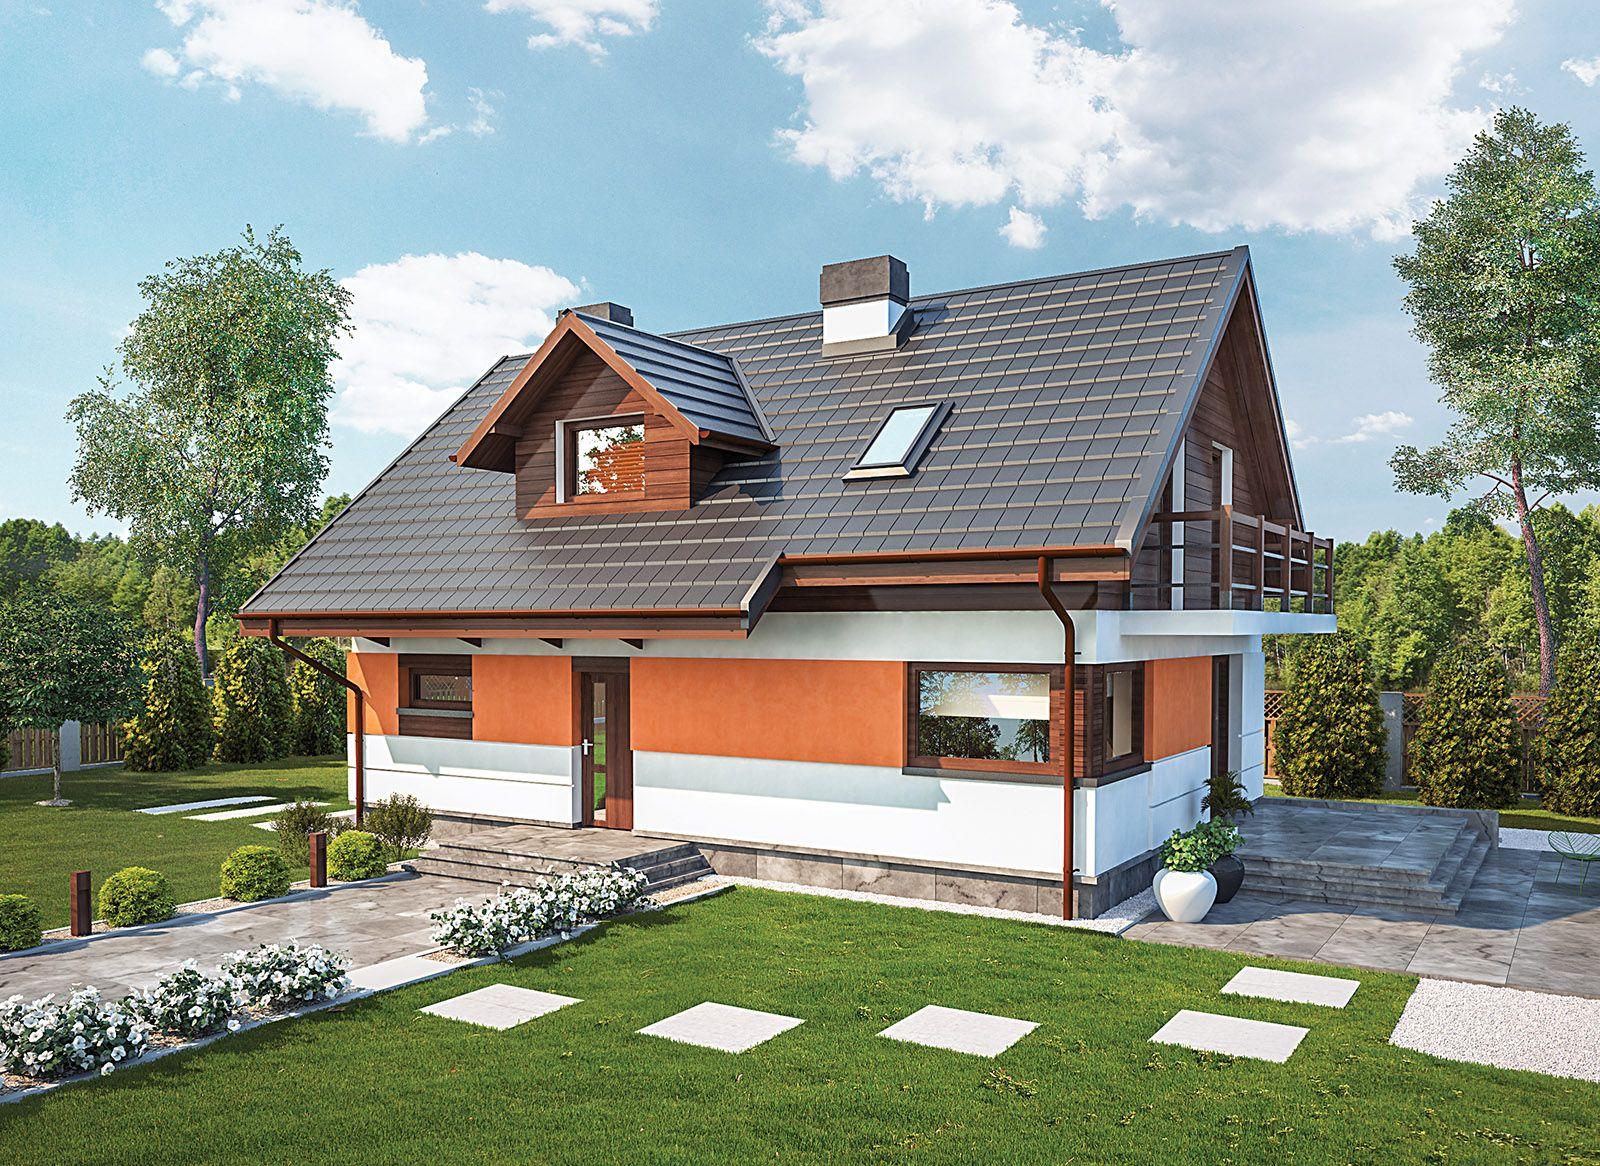 """""""Wprawny"""" Murator C339 - ten dom z poddaszem użytkowym prezentuje się nowocześnie i stylowo, a jednocześnie będzie dobrze wyglądał w otoczeniu przyrody. We wnętrzu znajdziemy wszystko, co niezbędne 4-5-osobowej rodzinie."""